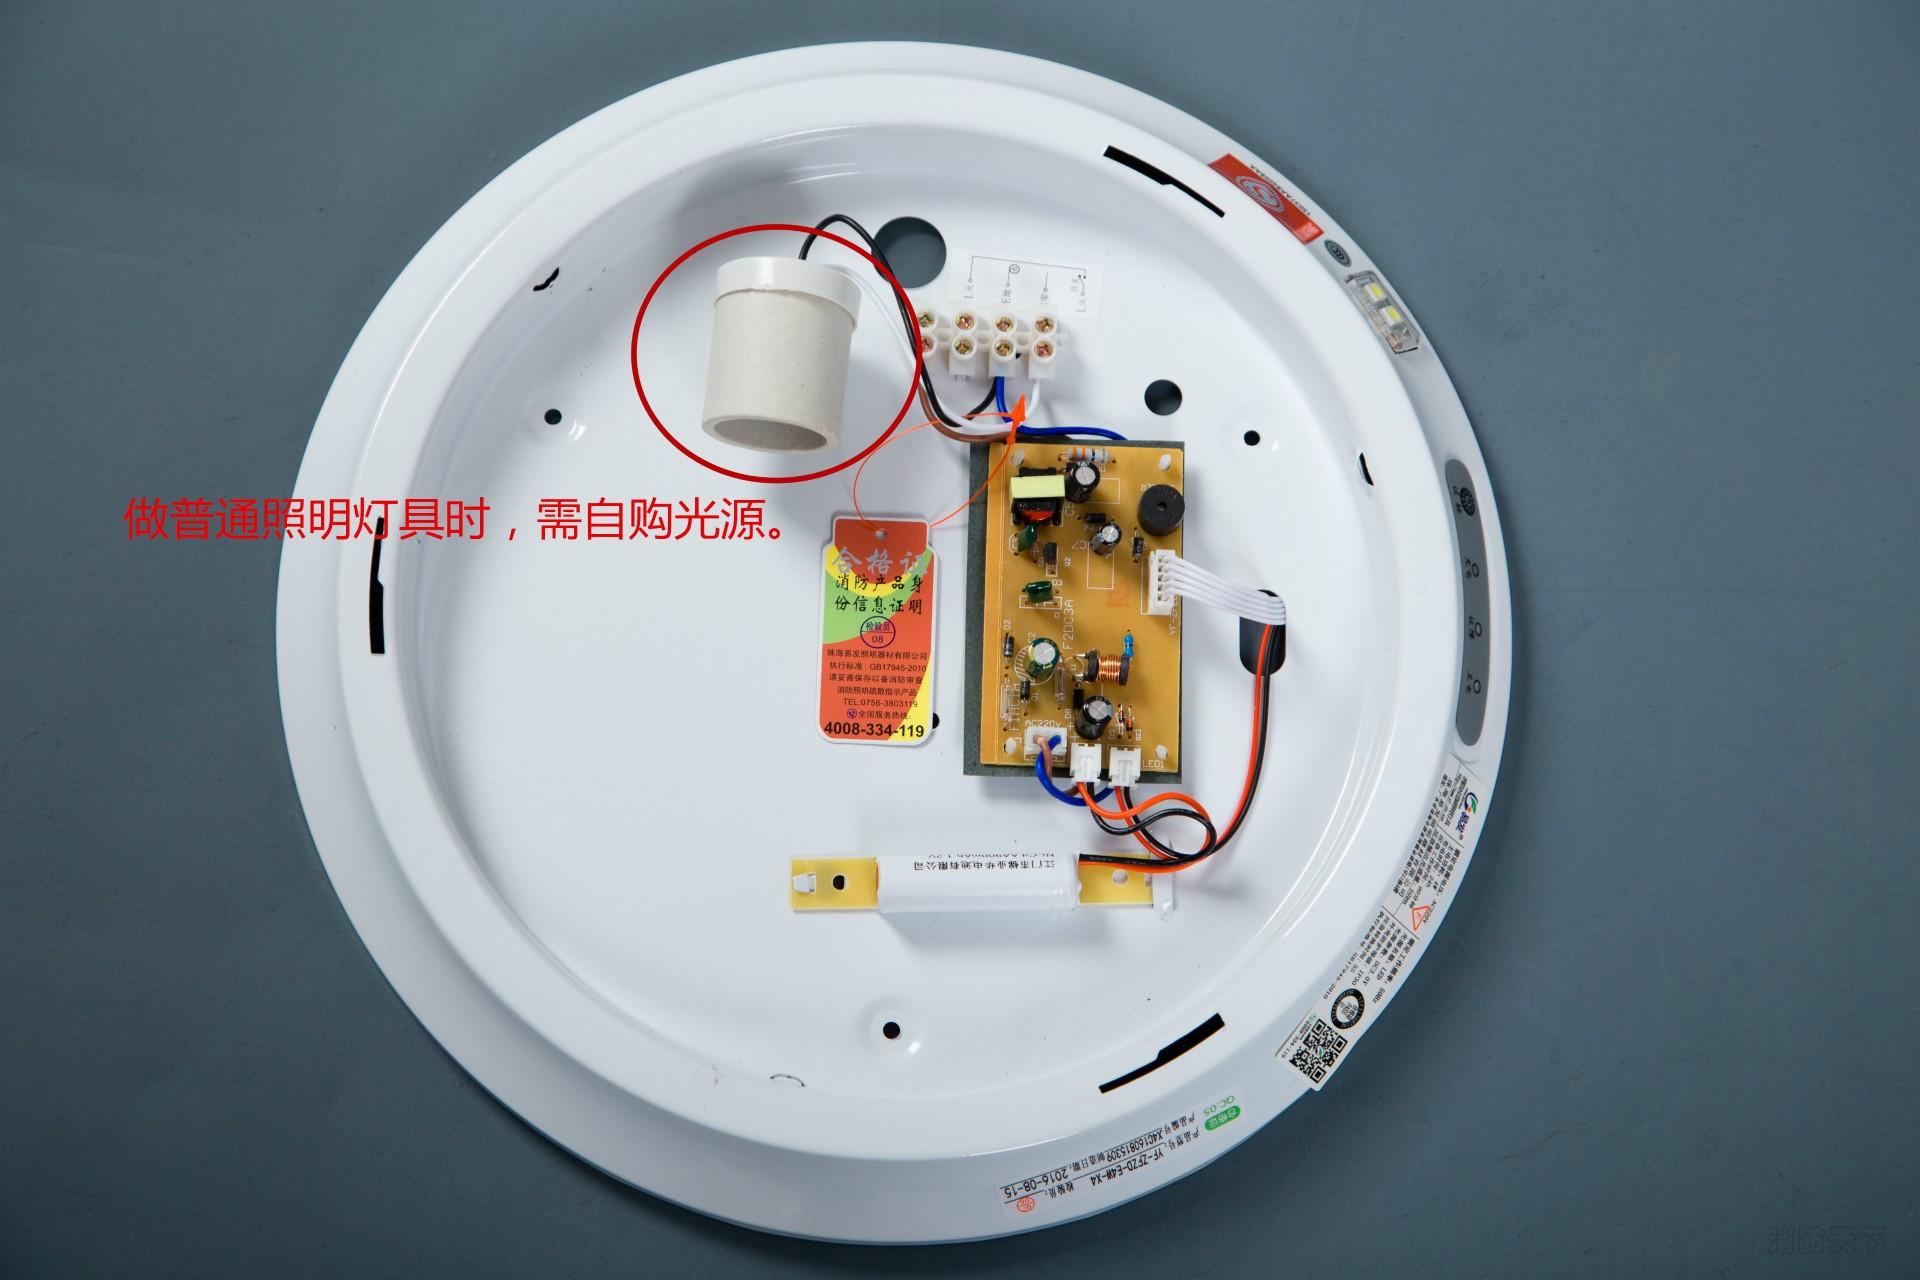 消防应急吸顶灯 易发led安全出口应急灯 带蓄电池应急照明灯